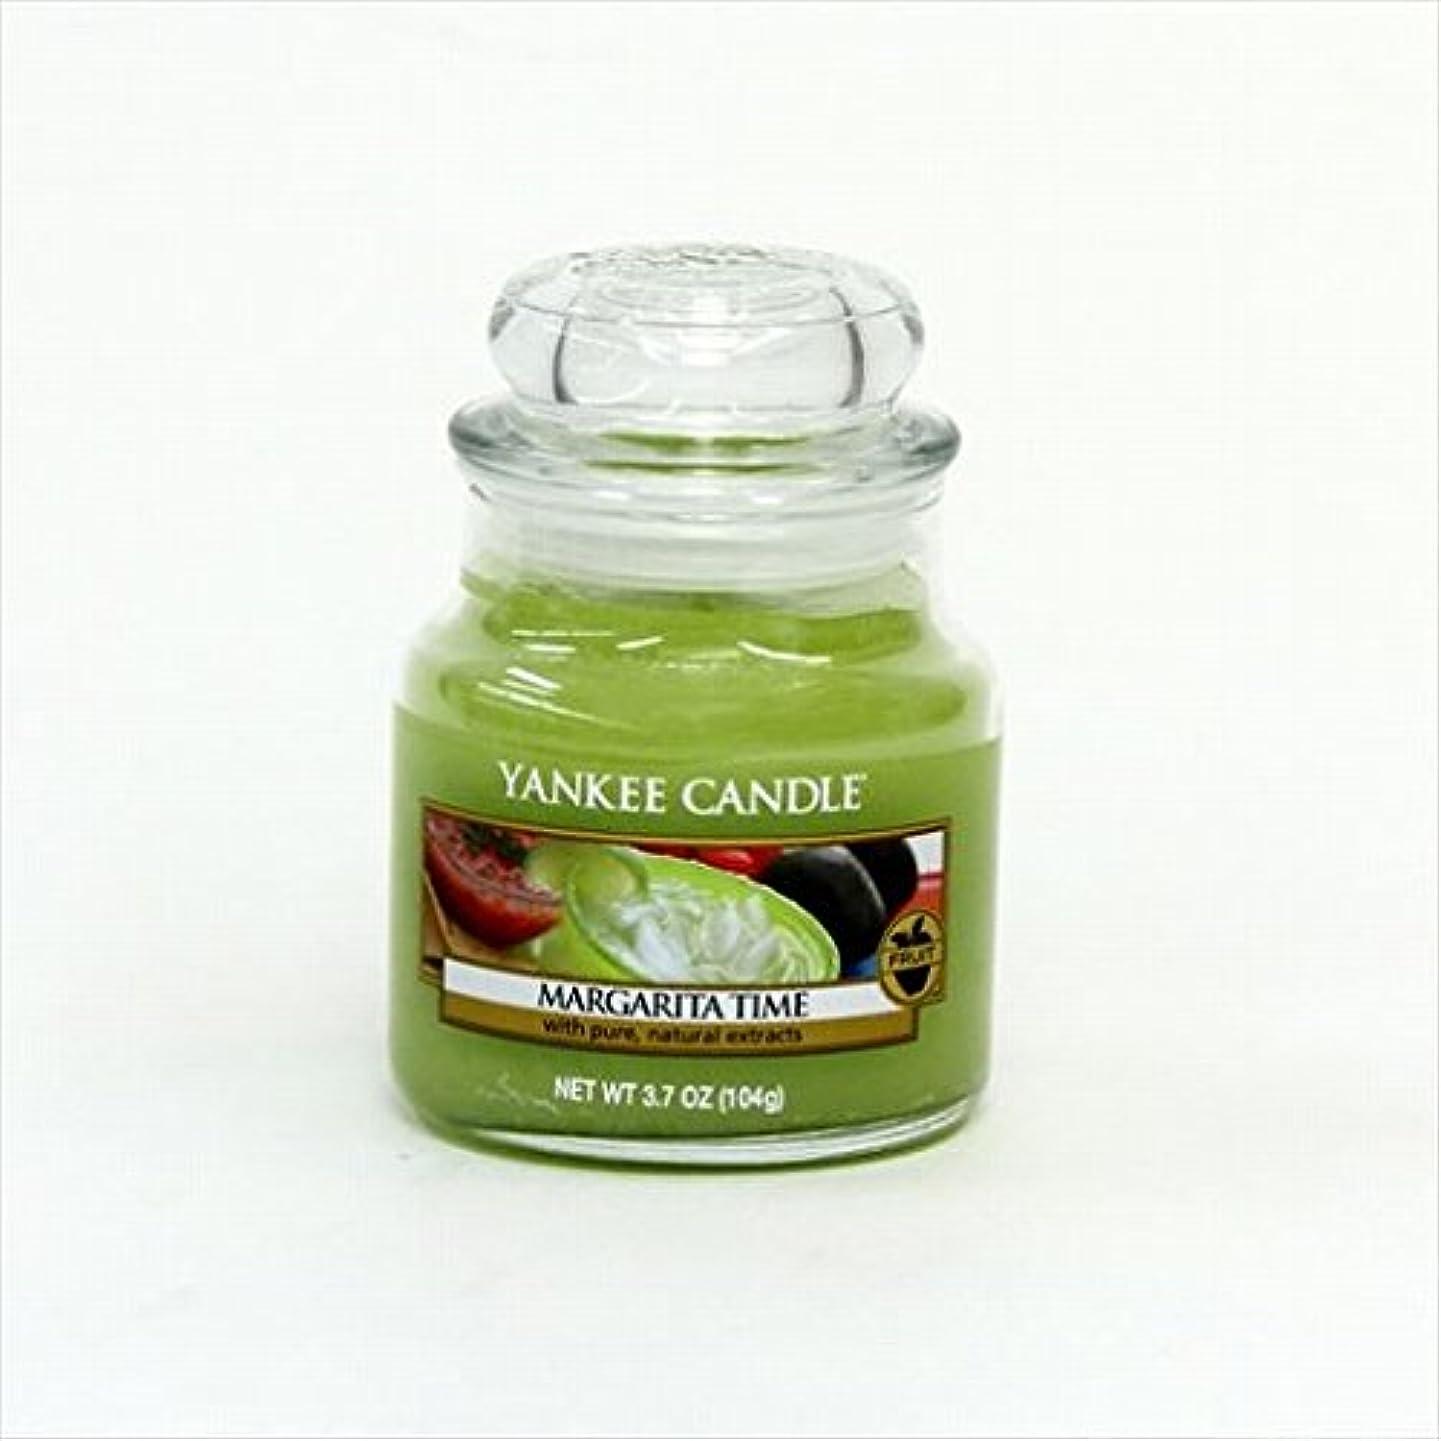 鋼ペック文明化するカメヤマキャンドル(kameyama candle) YANKEE CANDLE ジャーS 「 マルガリータ タイム 」